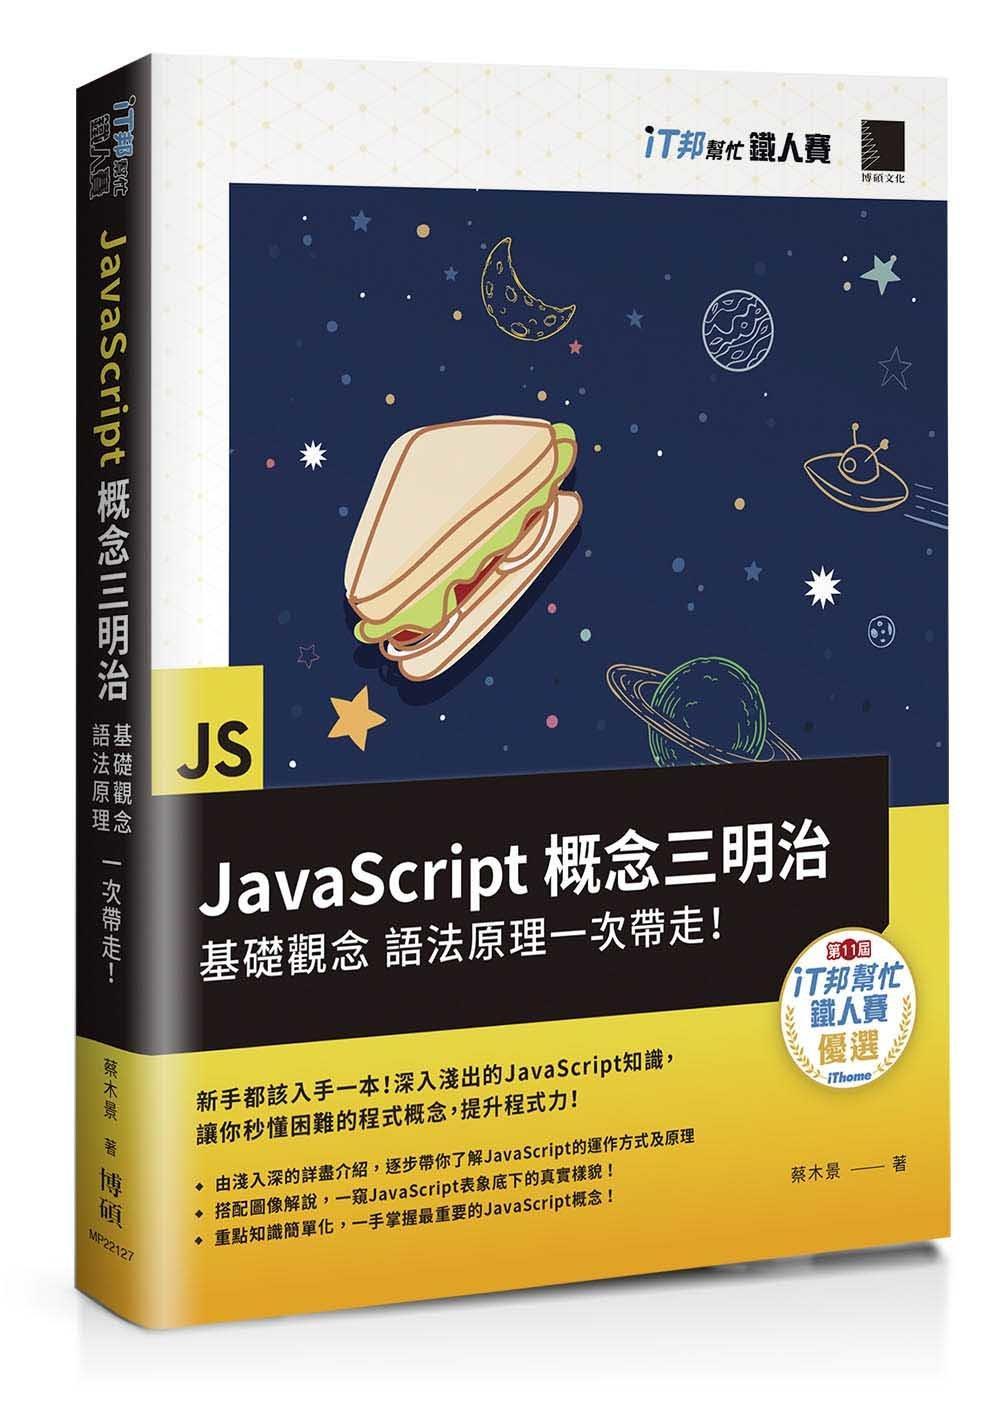 JavaScript 概念三明治:基礎觀念、語法原理一次帶走!-preview-1